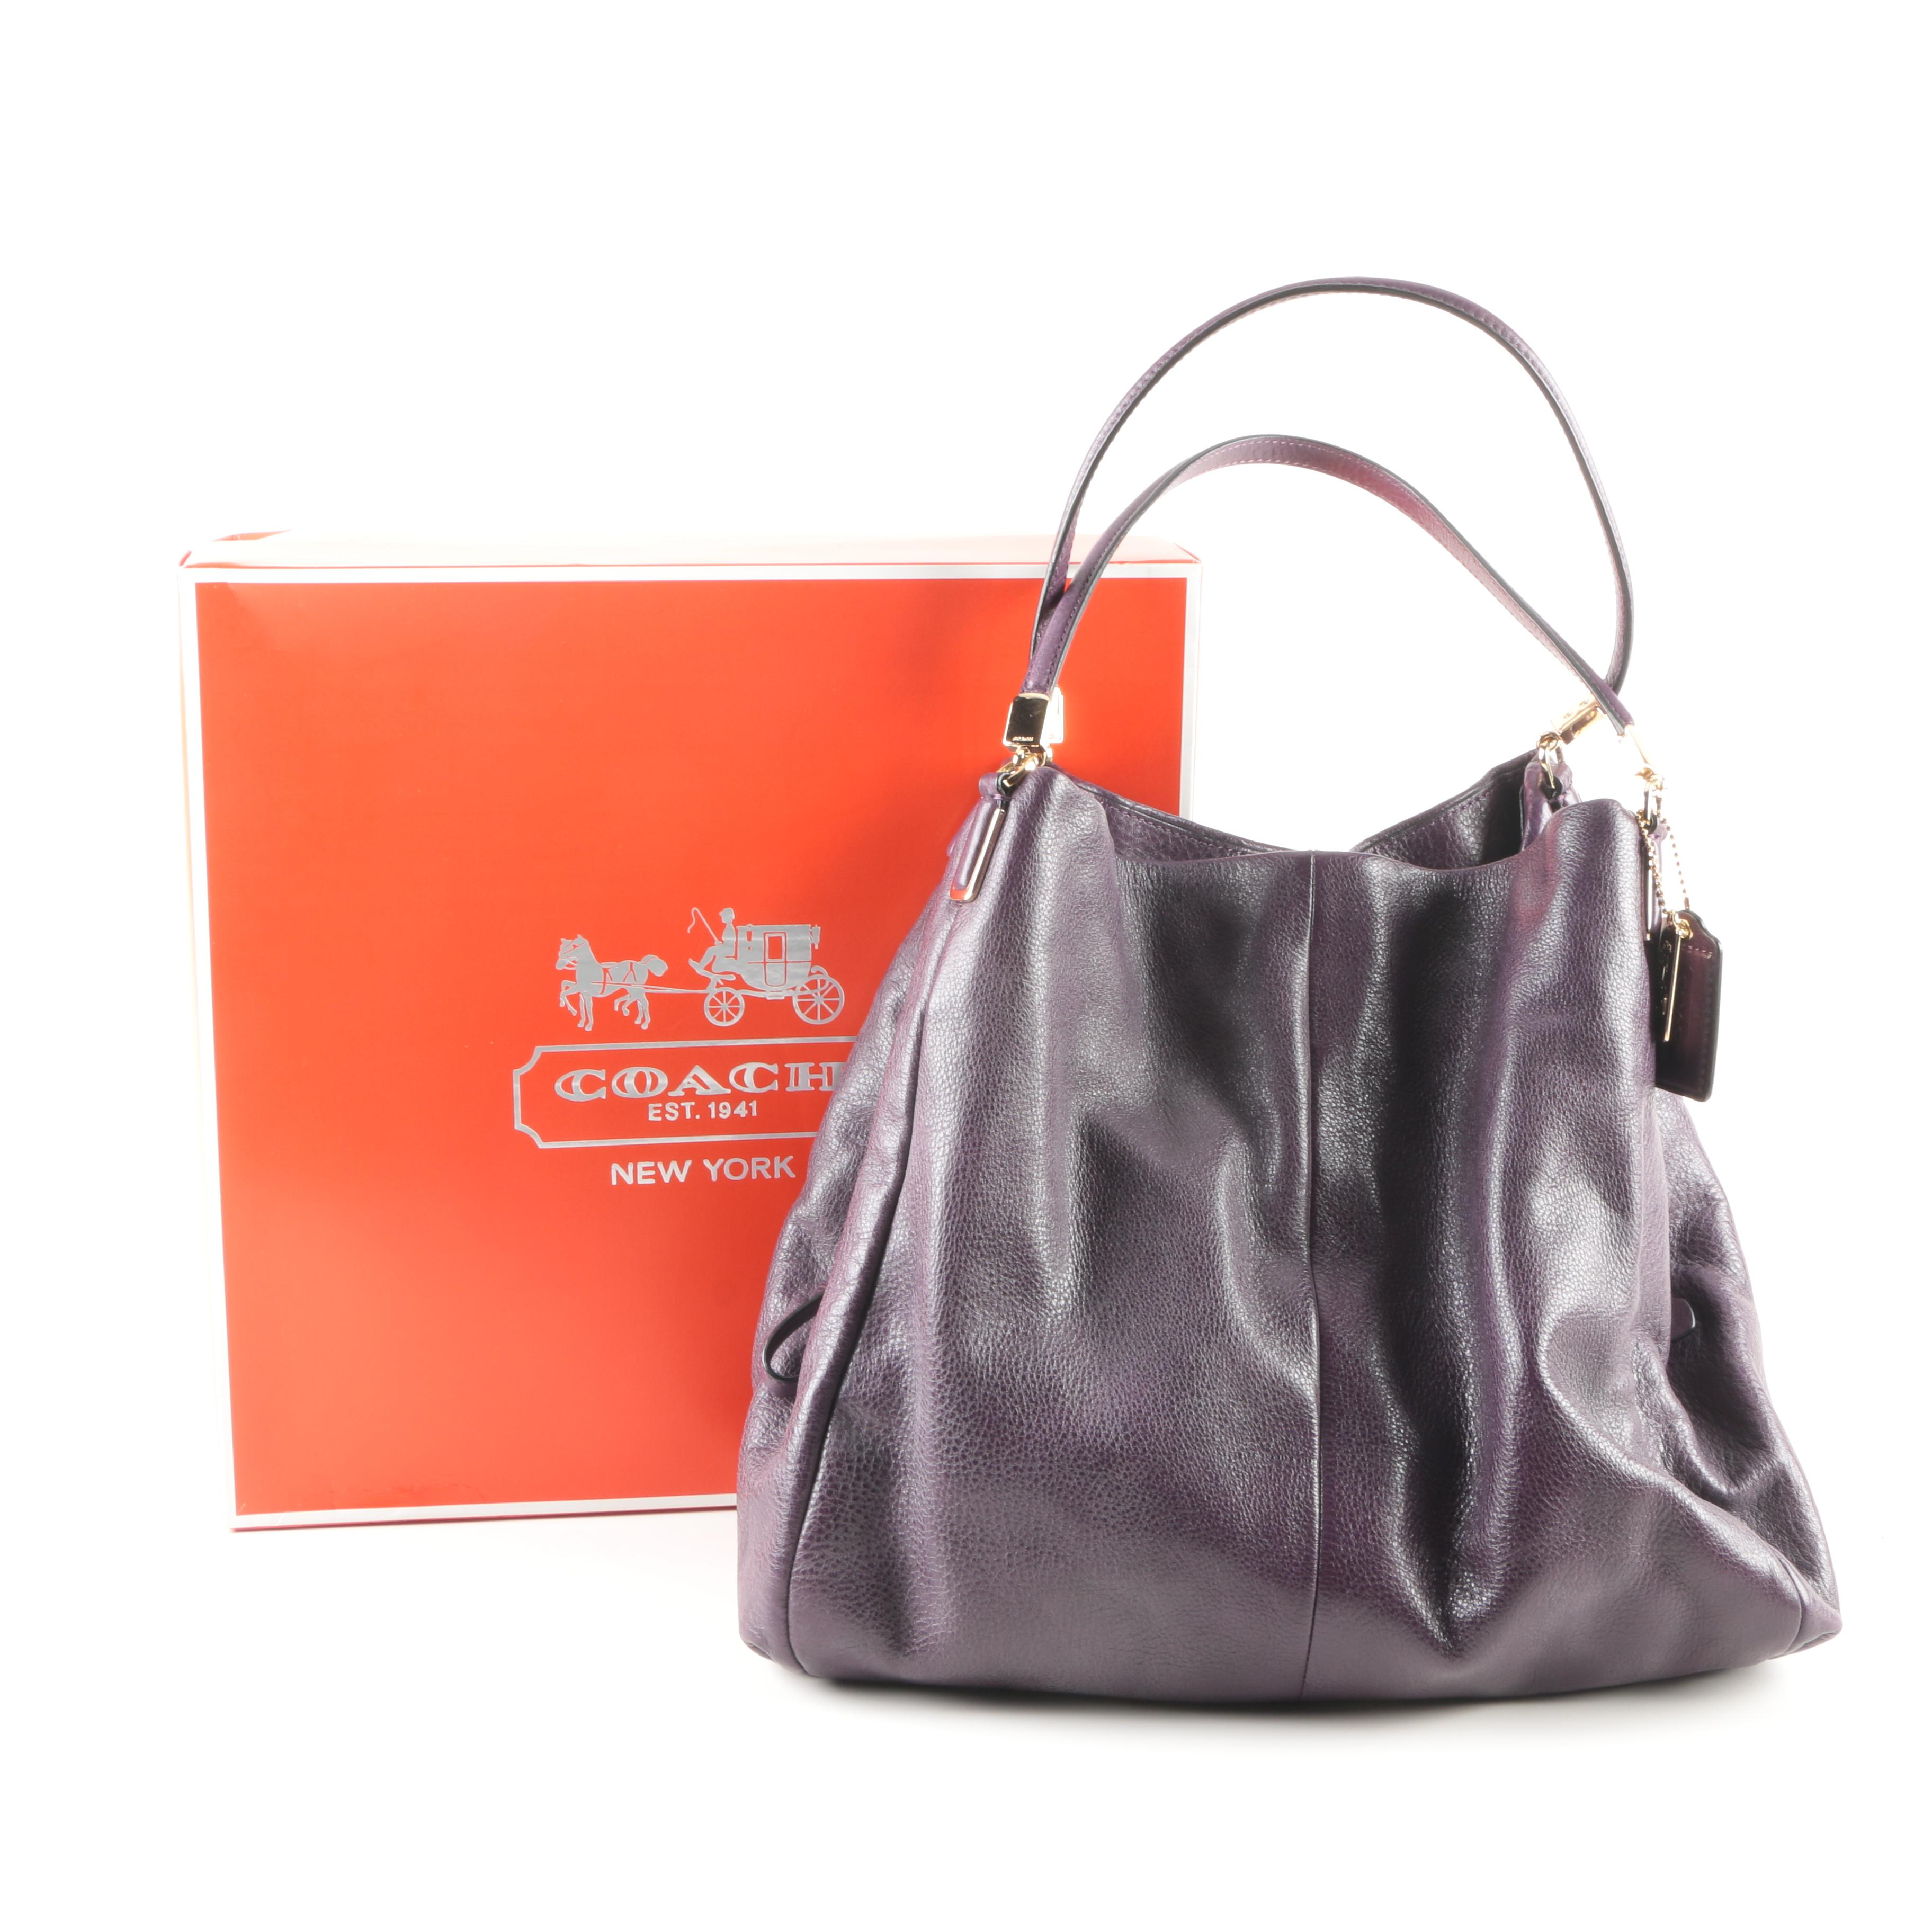 ... france coach phoebe handbag in black violet leather 0b206 3296d 3209e2345f